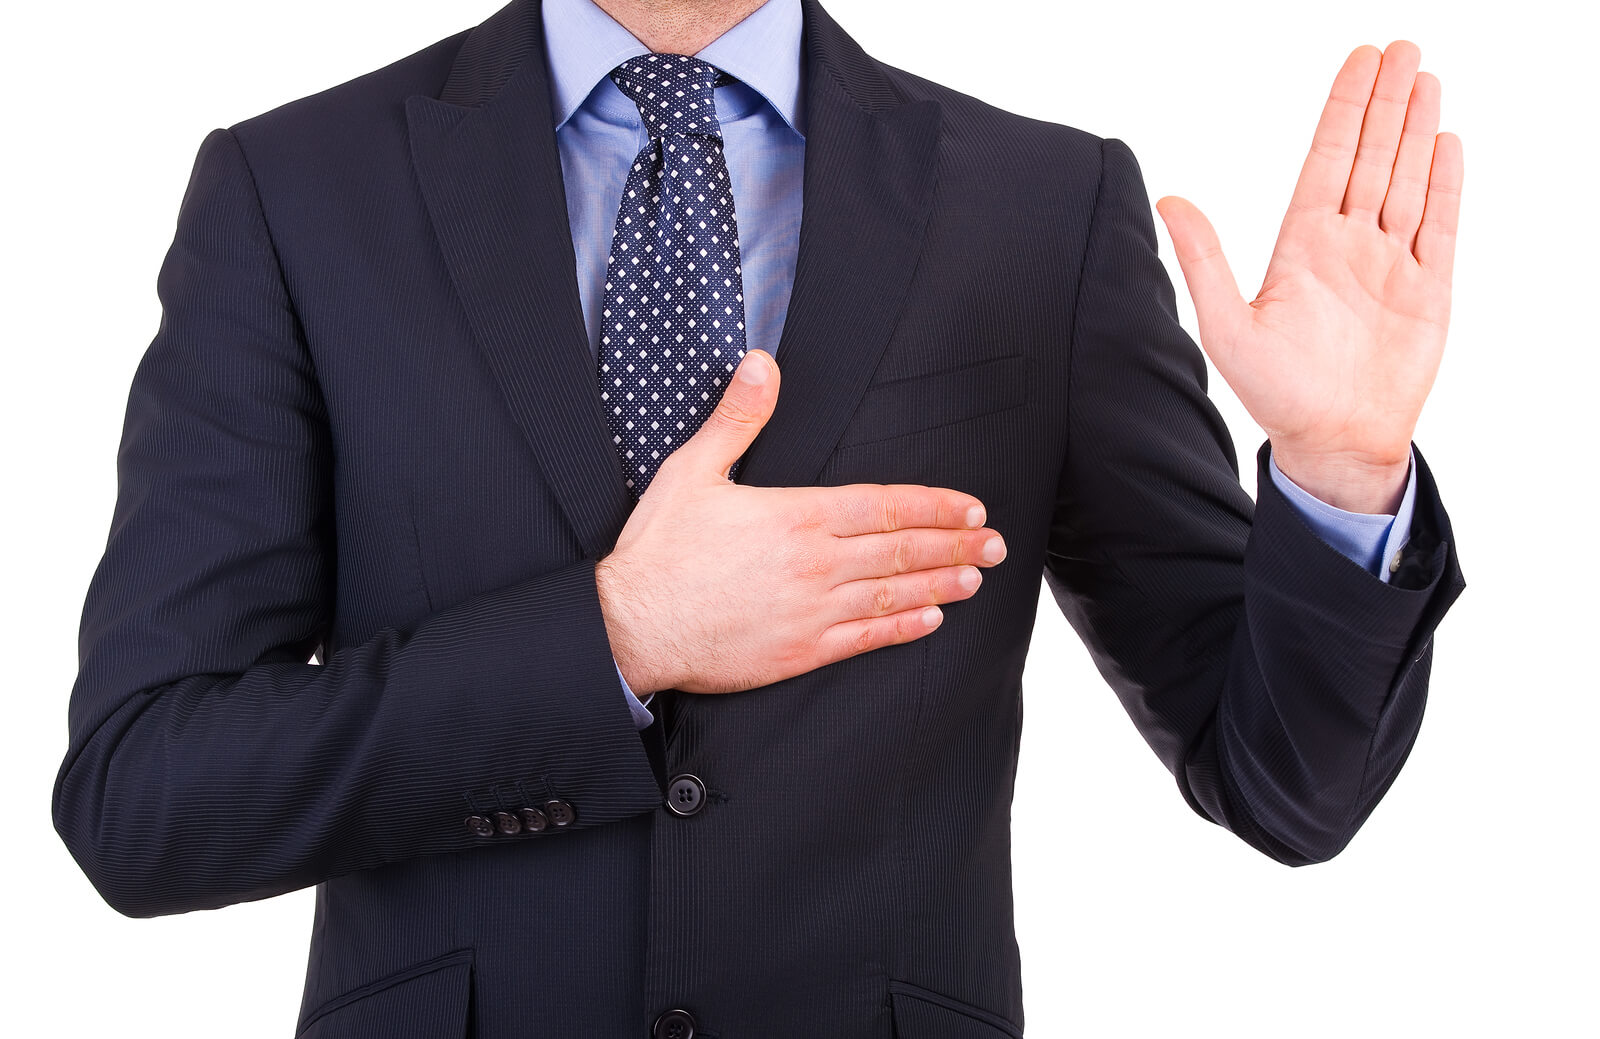 L'honnêteté au sein de l'entreprise : un 'must-have' pour le leader extraordinaire